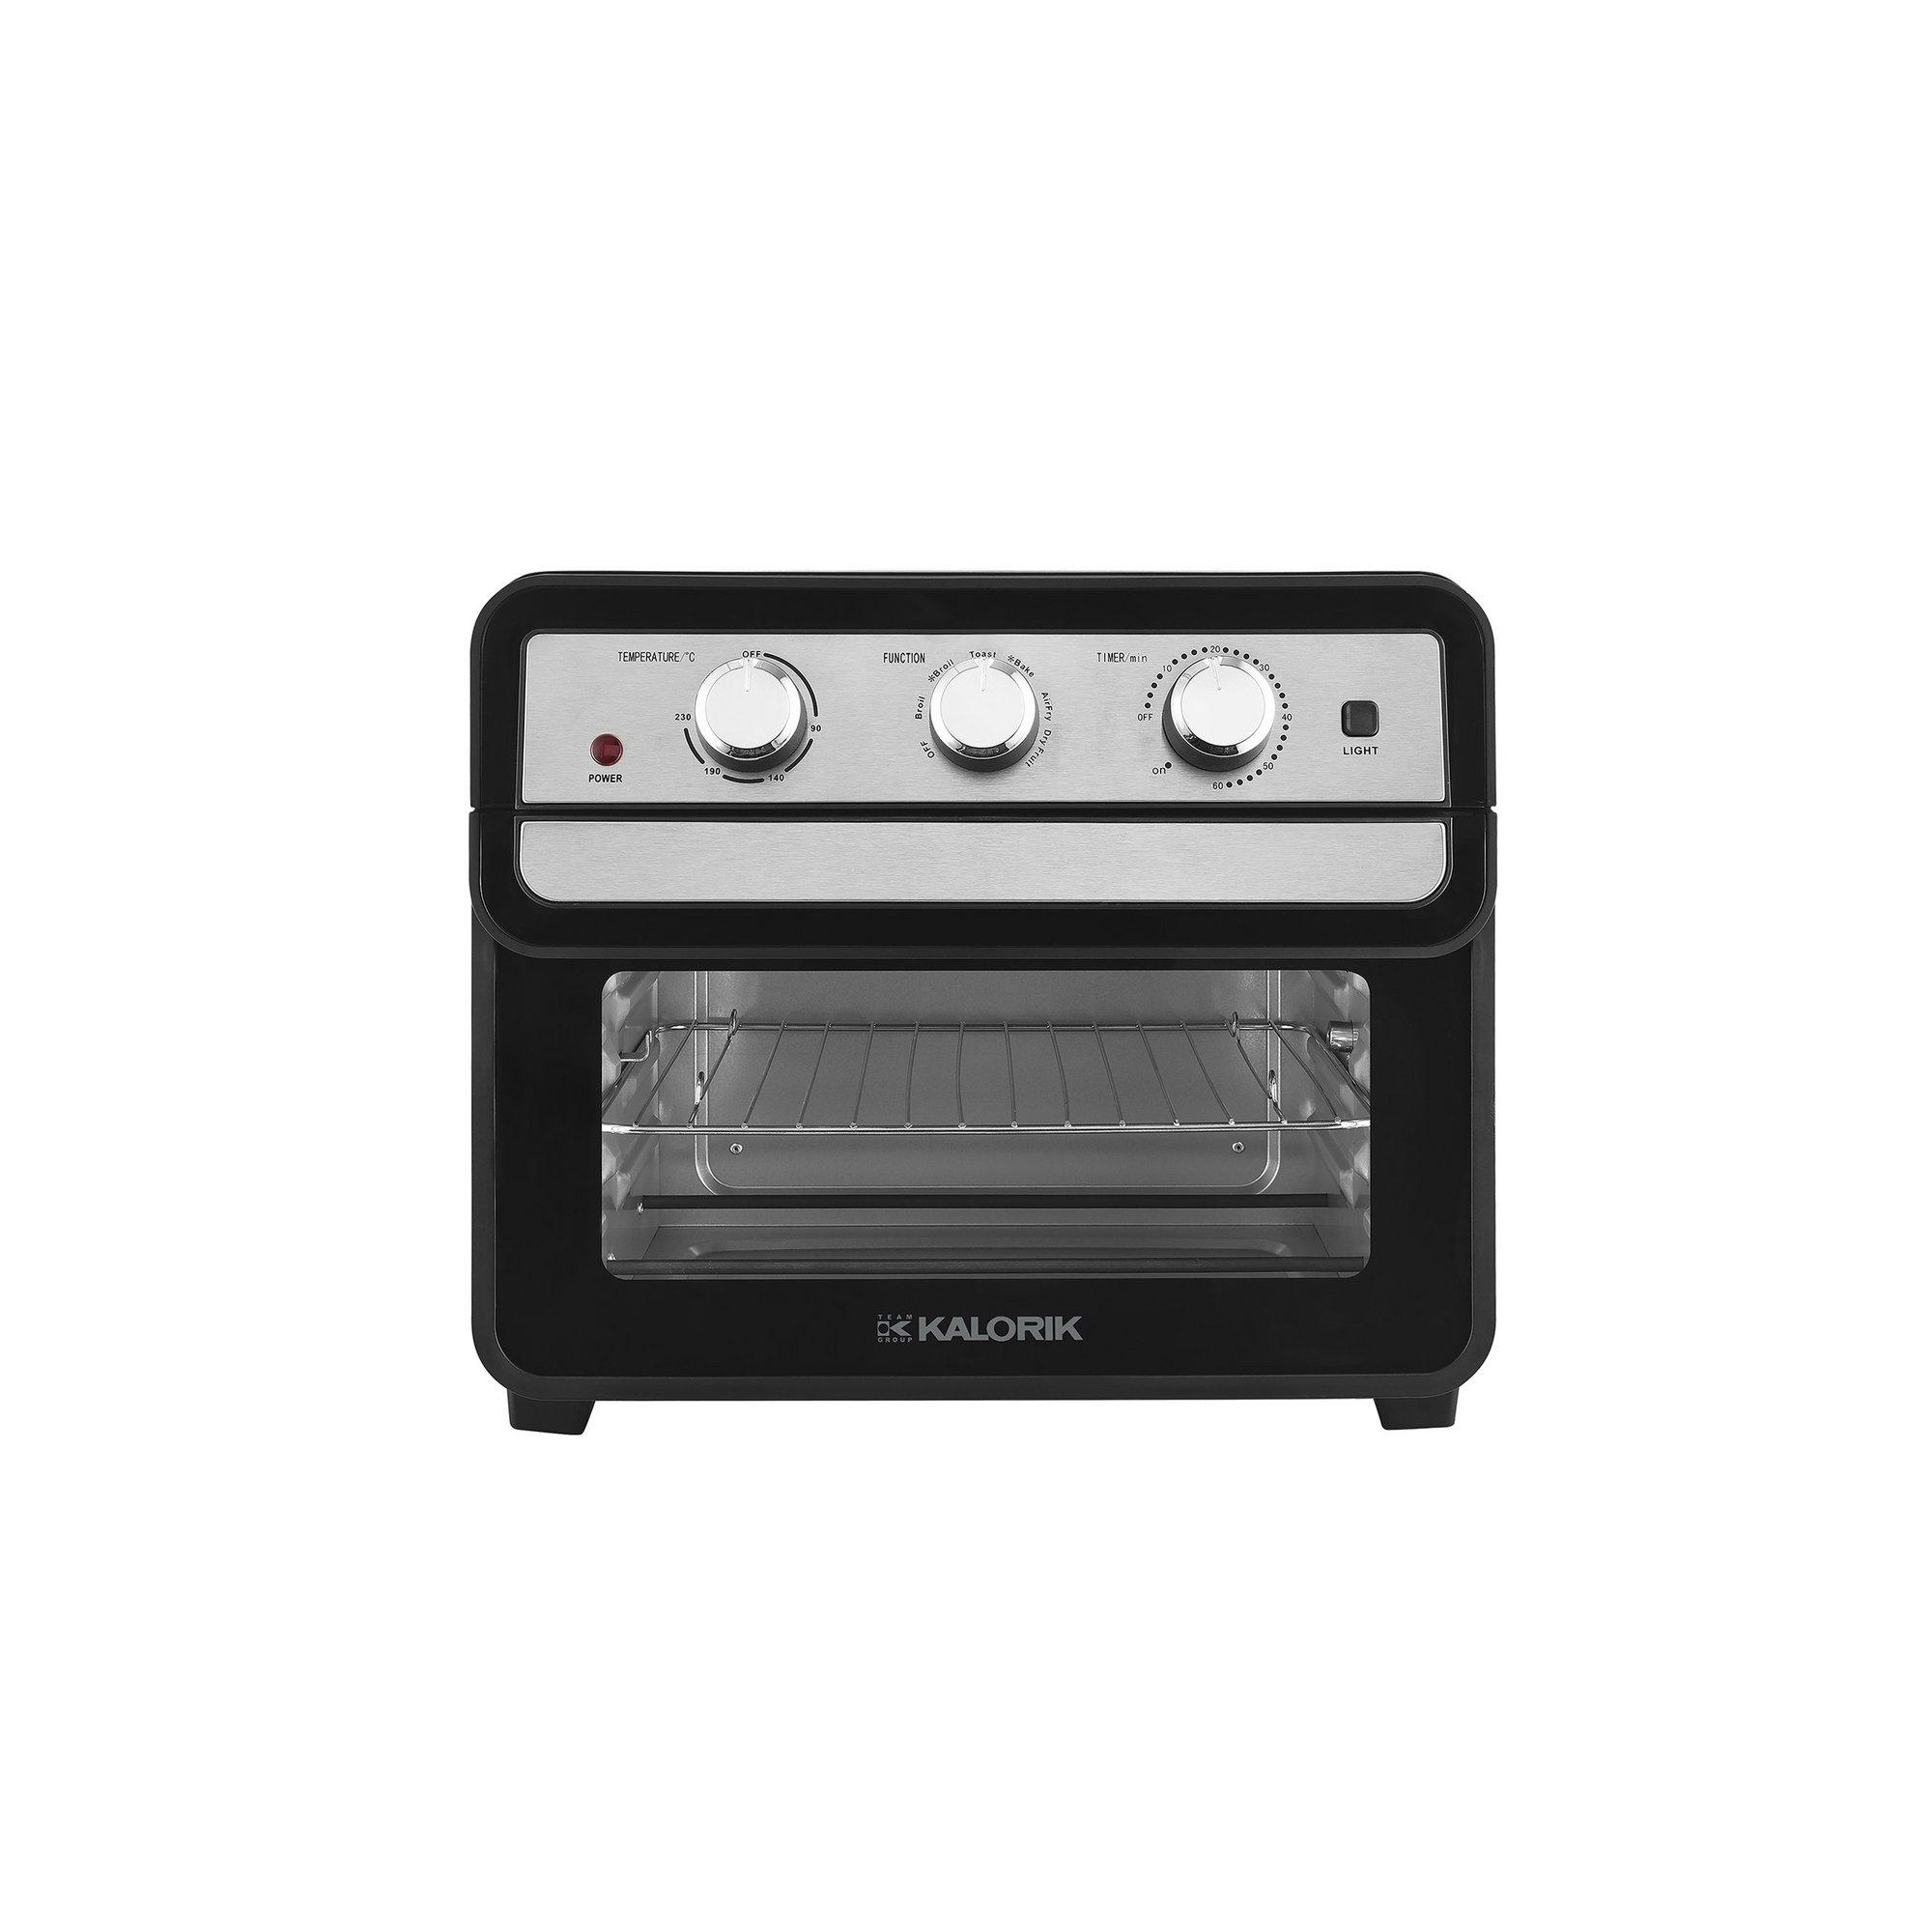 Image of Kalorik 5 in 1 22L Air Fryer Oven